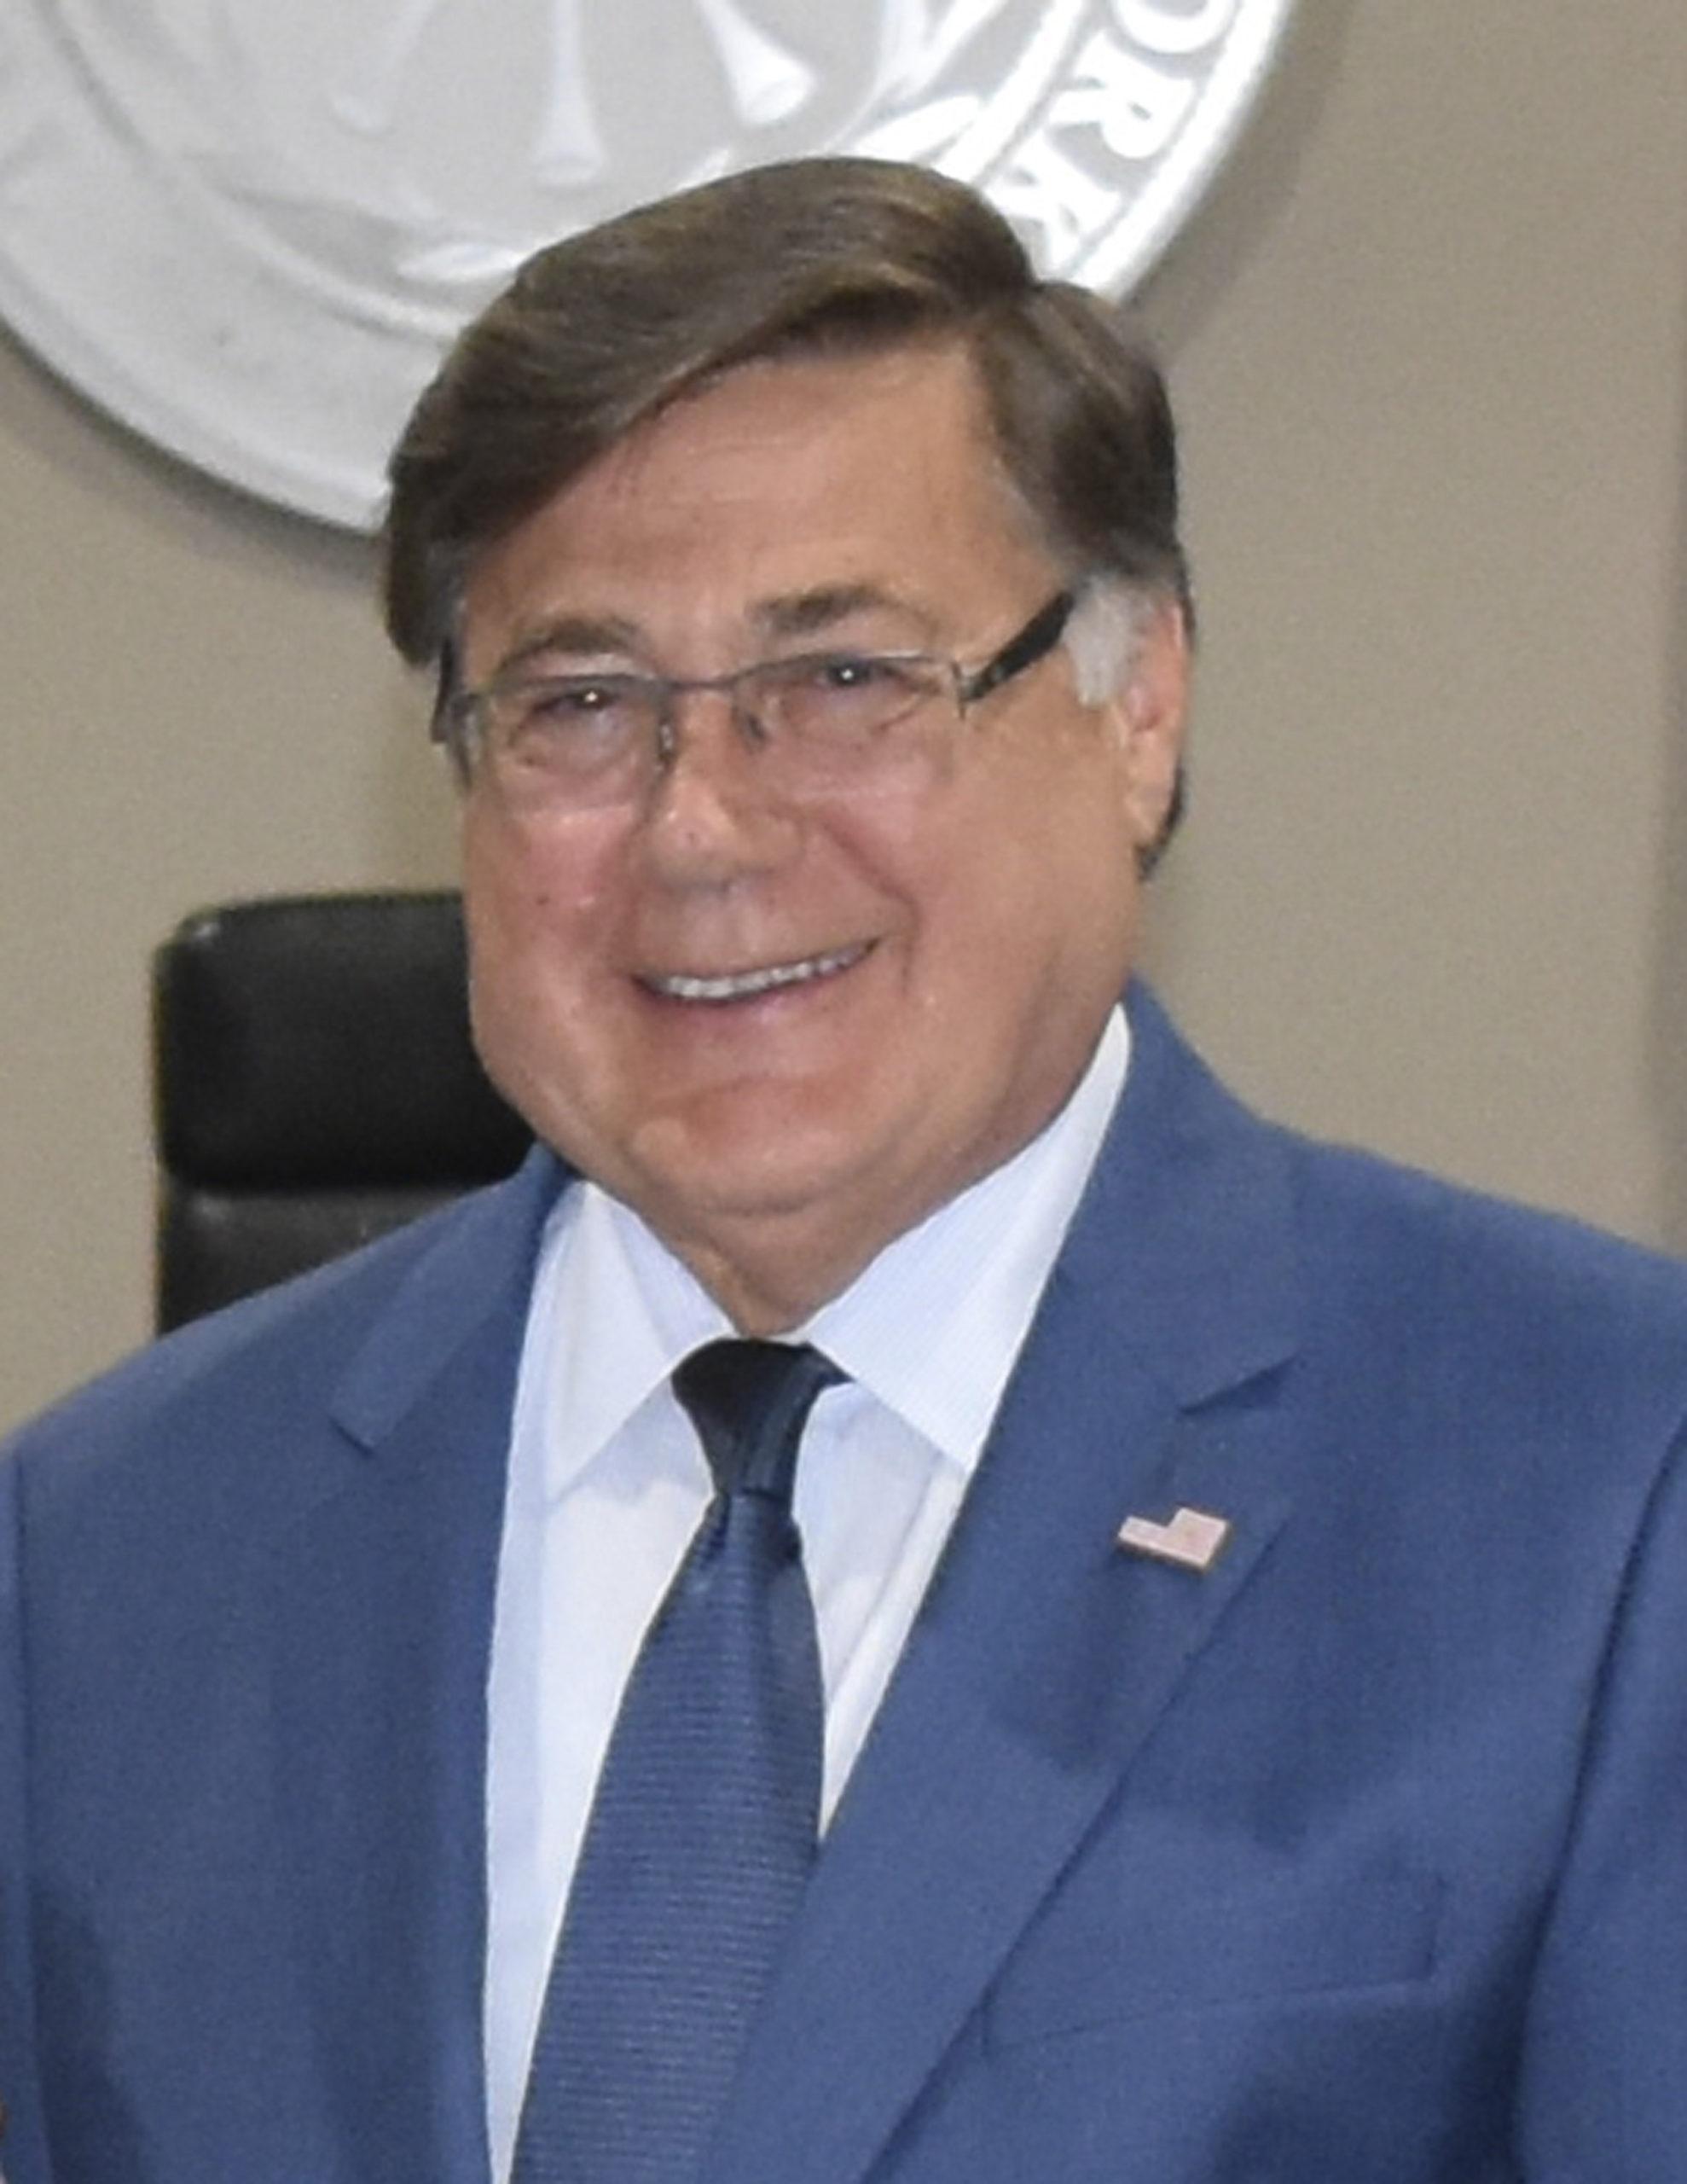 Ed Romaine